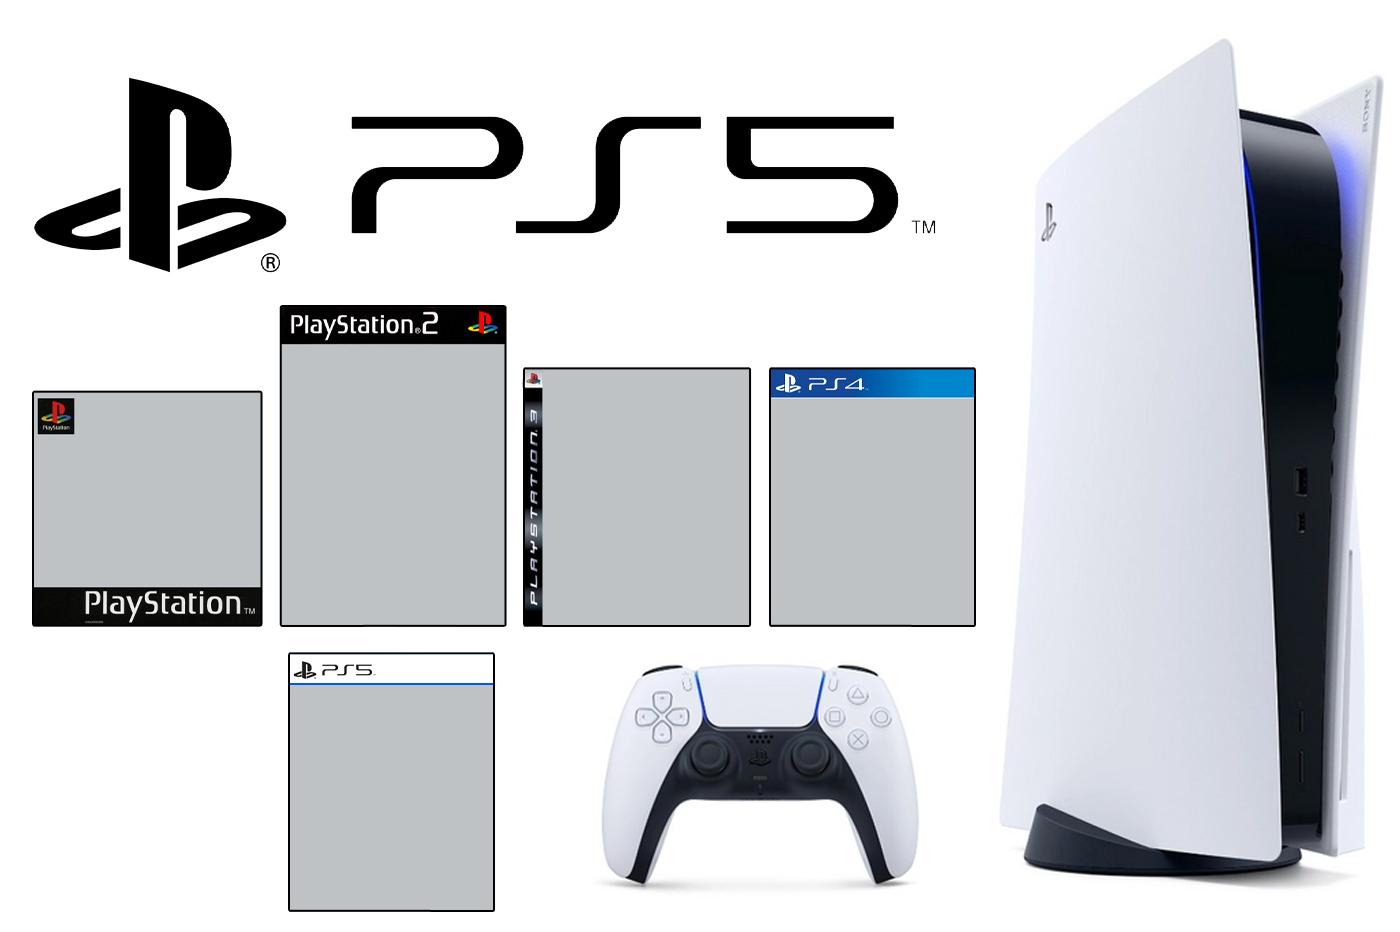 Nouveaux Brevets Retrocompatibilite PS5